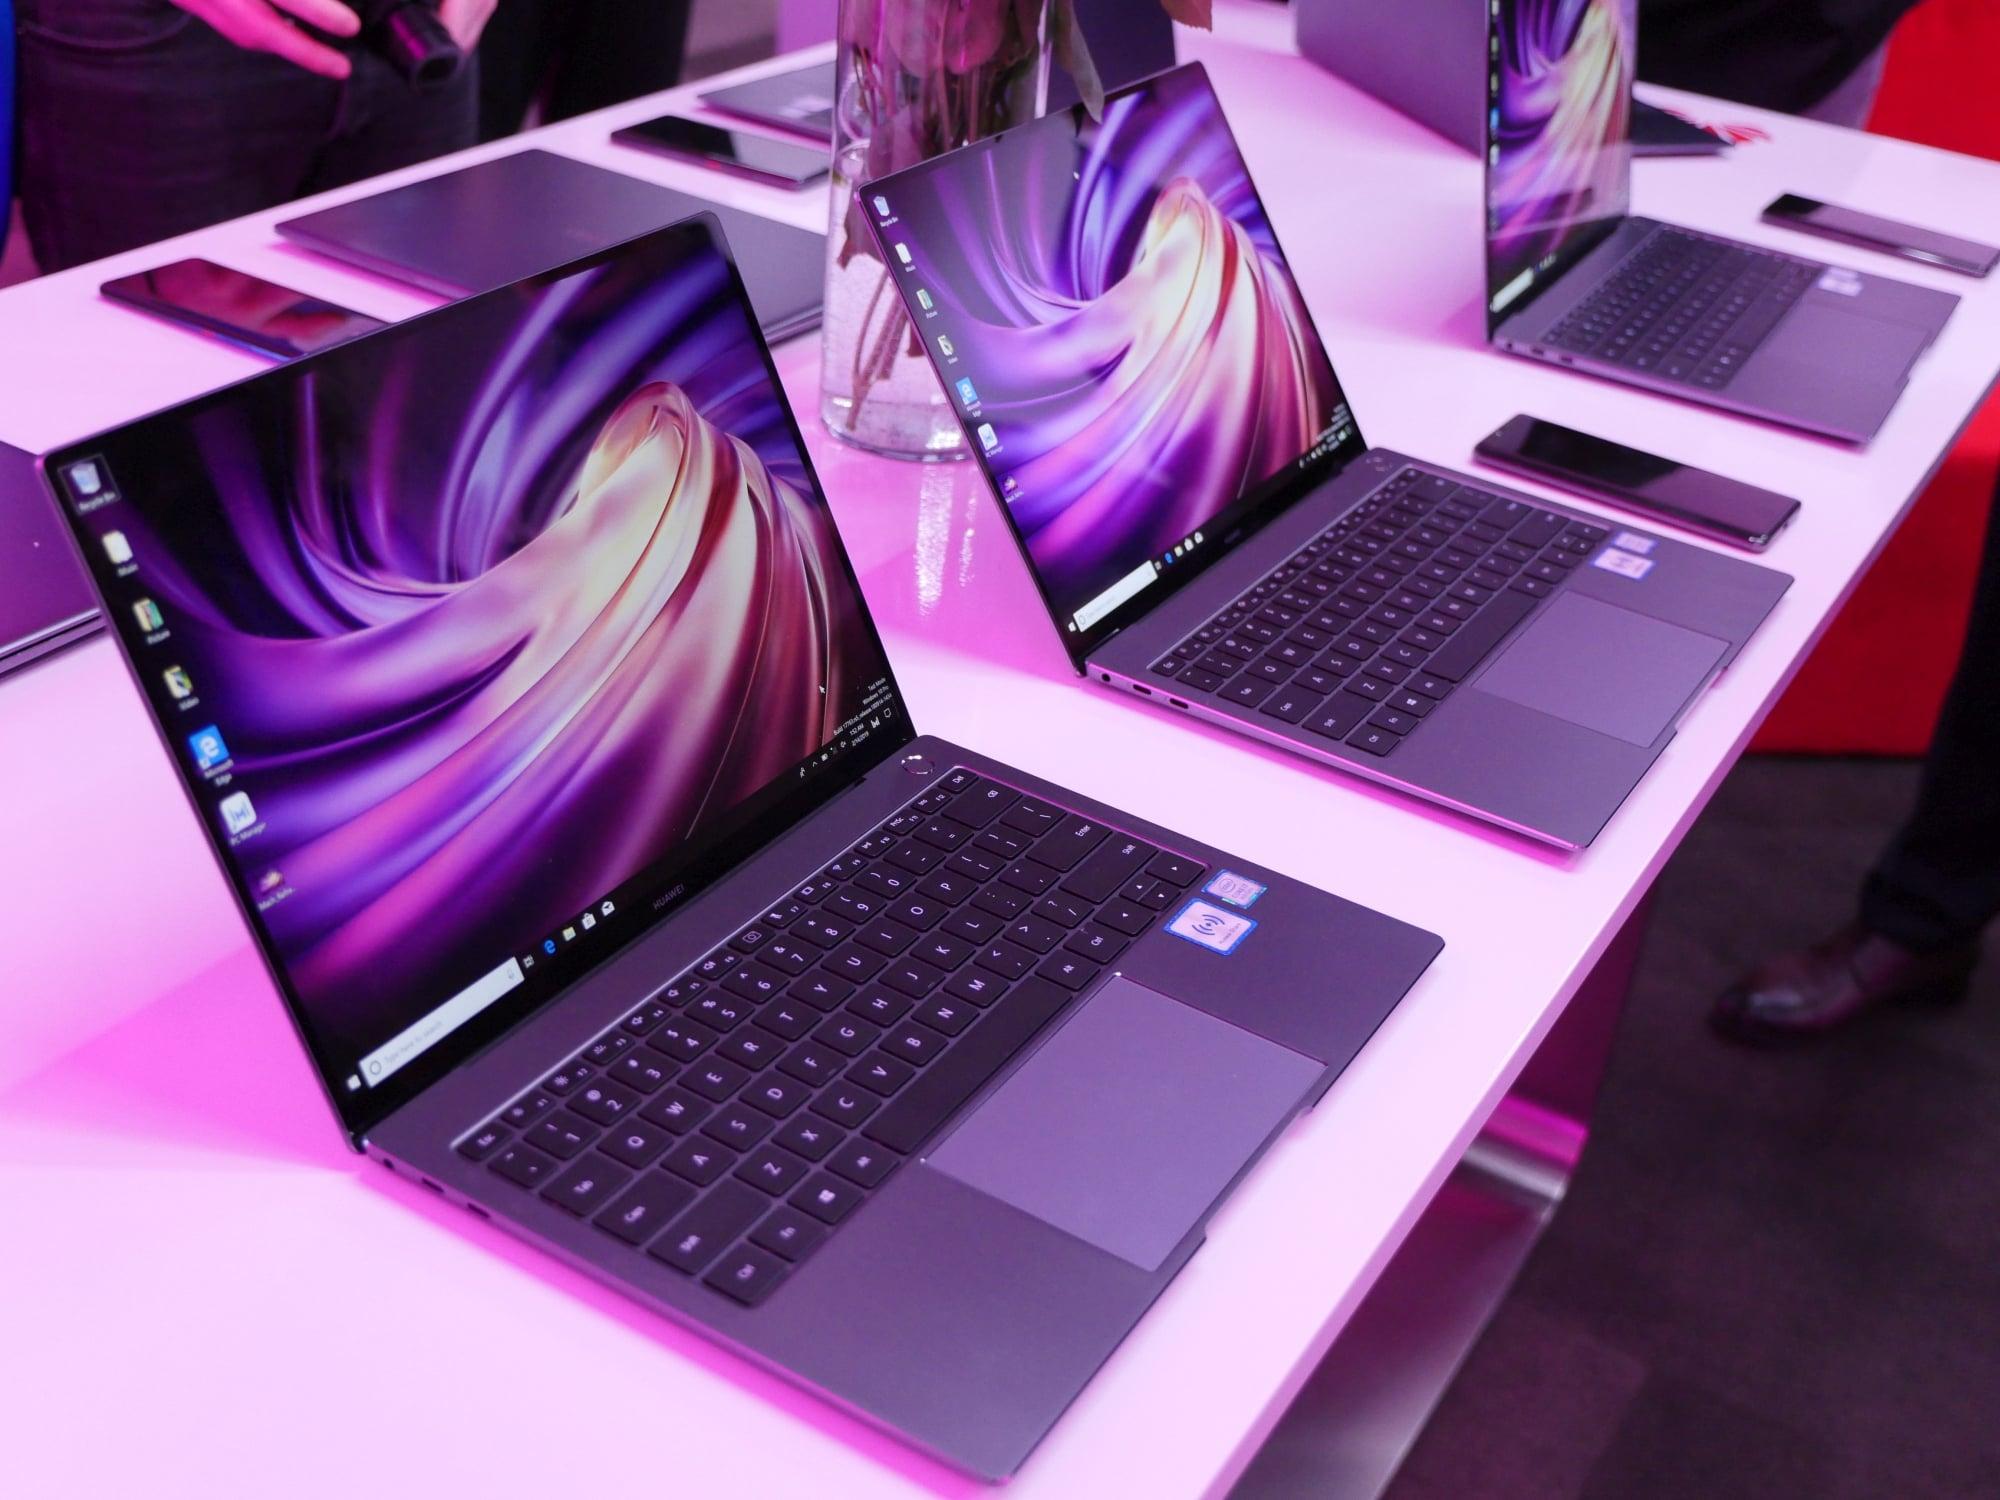 Huawei pokazał trzy ciekawe laptopy, a mnie bardziej od nich interesuje samo oprogramowanie 24